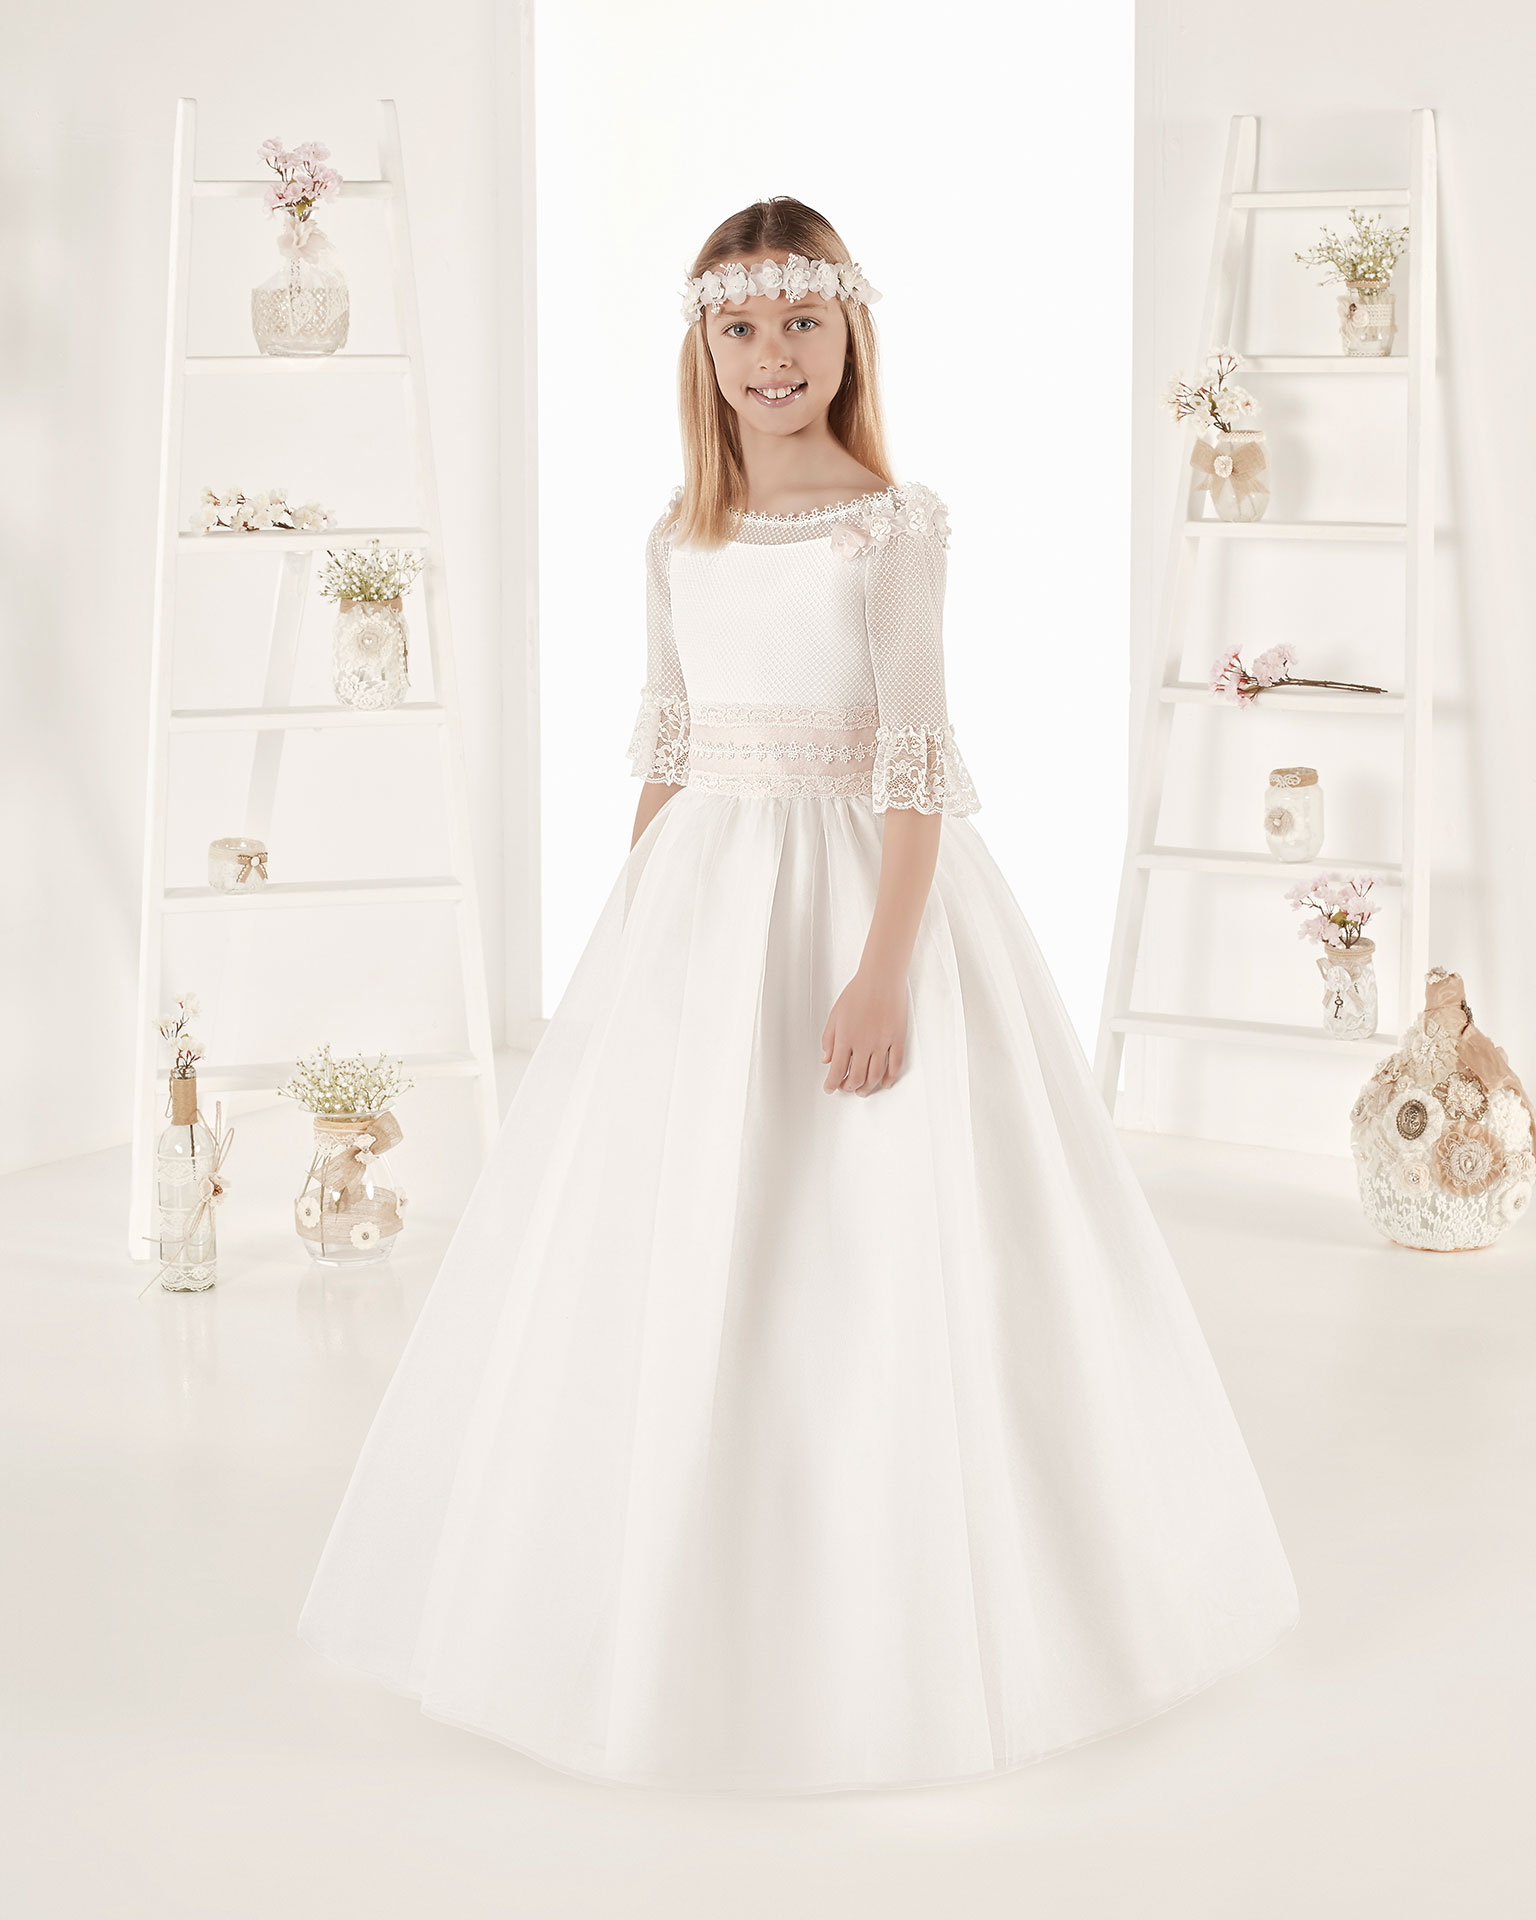 Rochie de comuniune în stil fantezie din organza reiată. Cu talie normală. Disponibilă în culoarea ecru. Colecția AIRE COMUNION 2019.